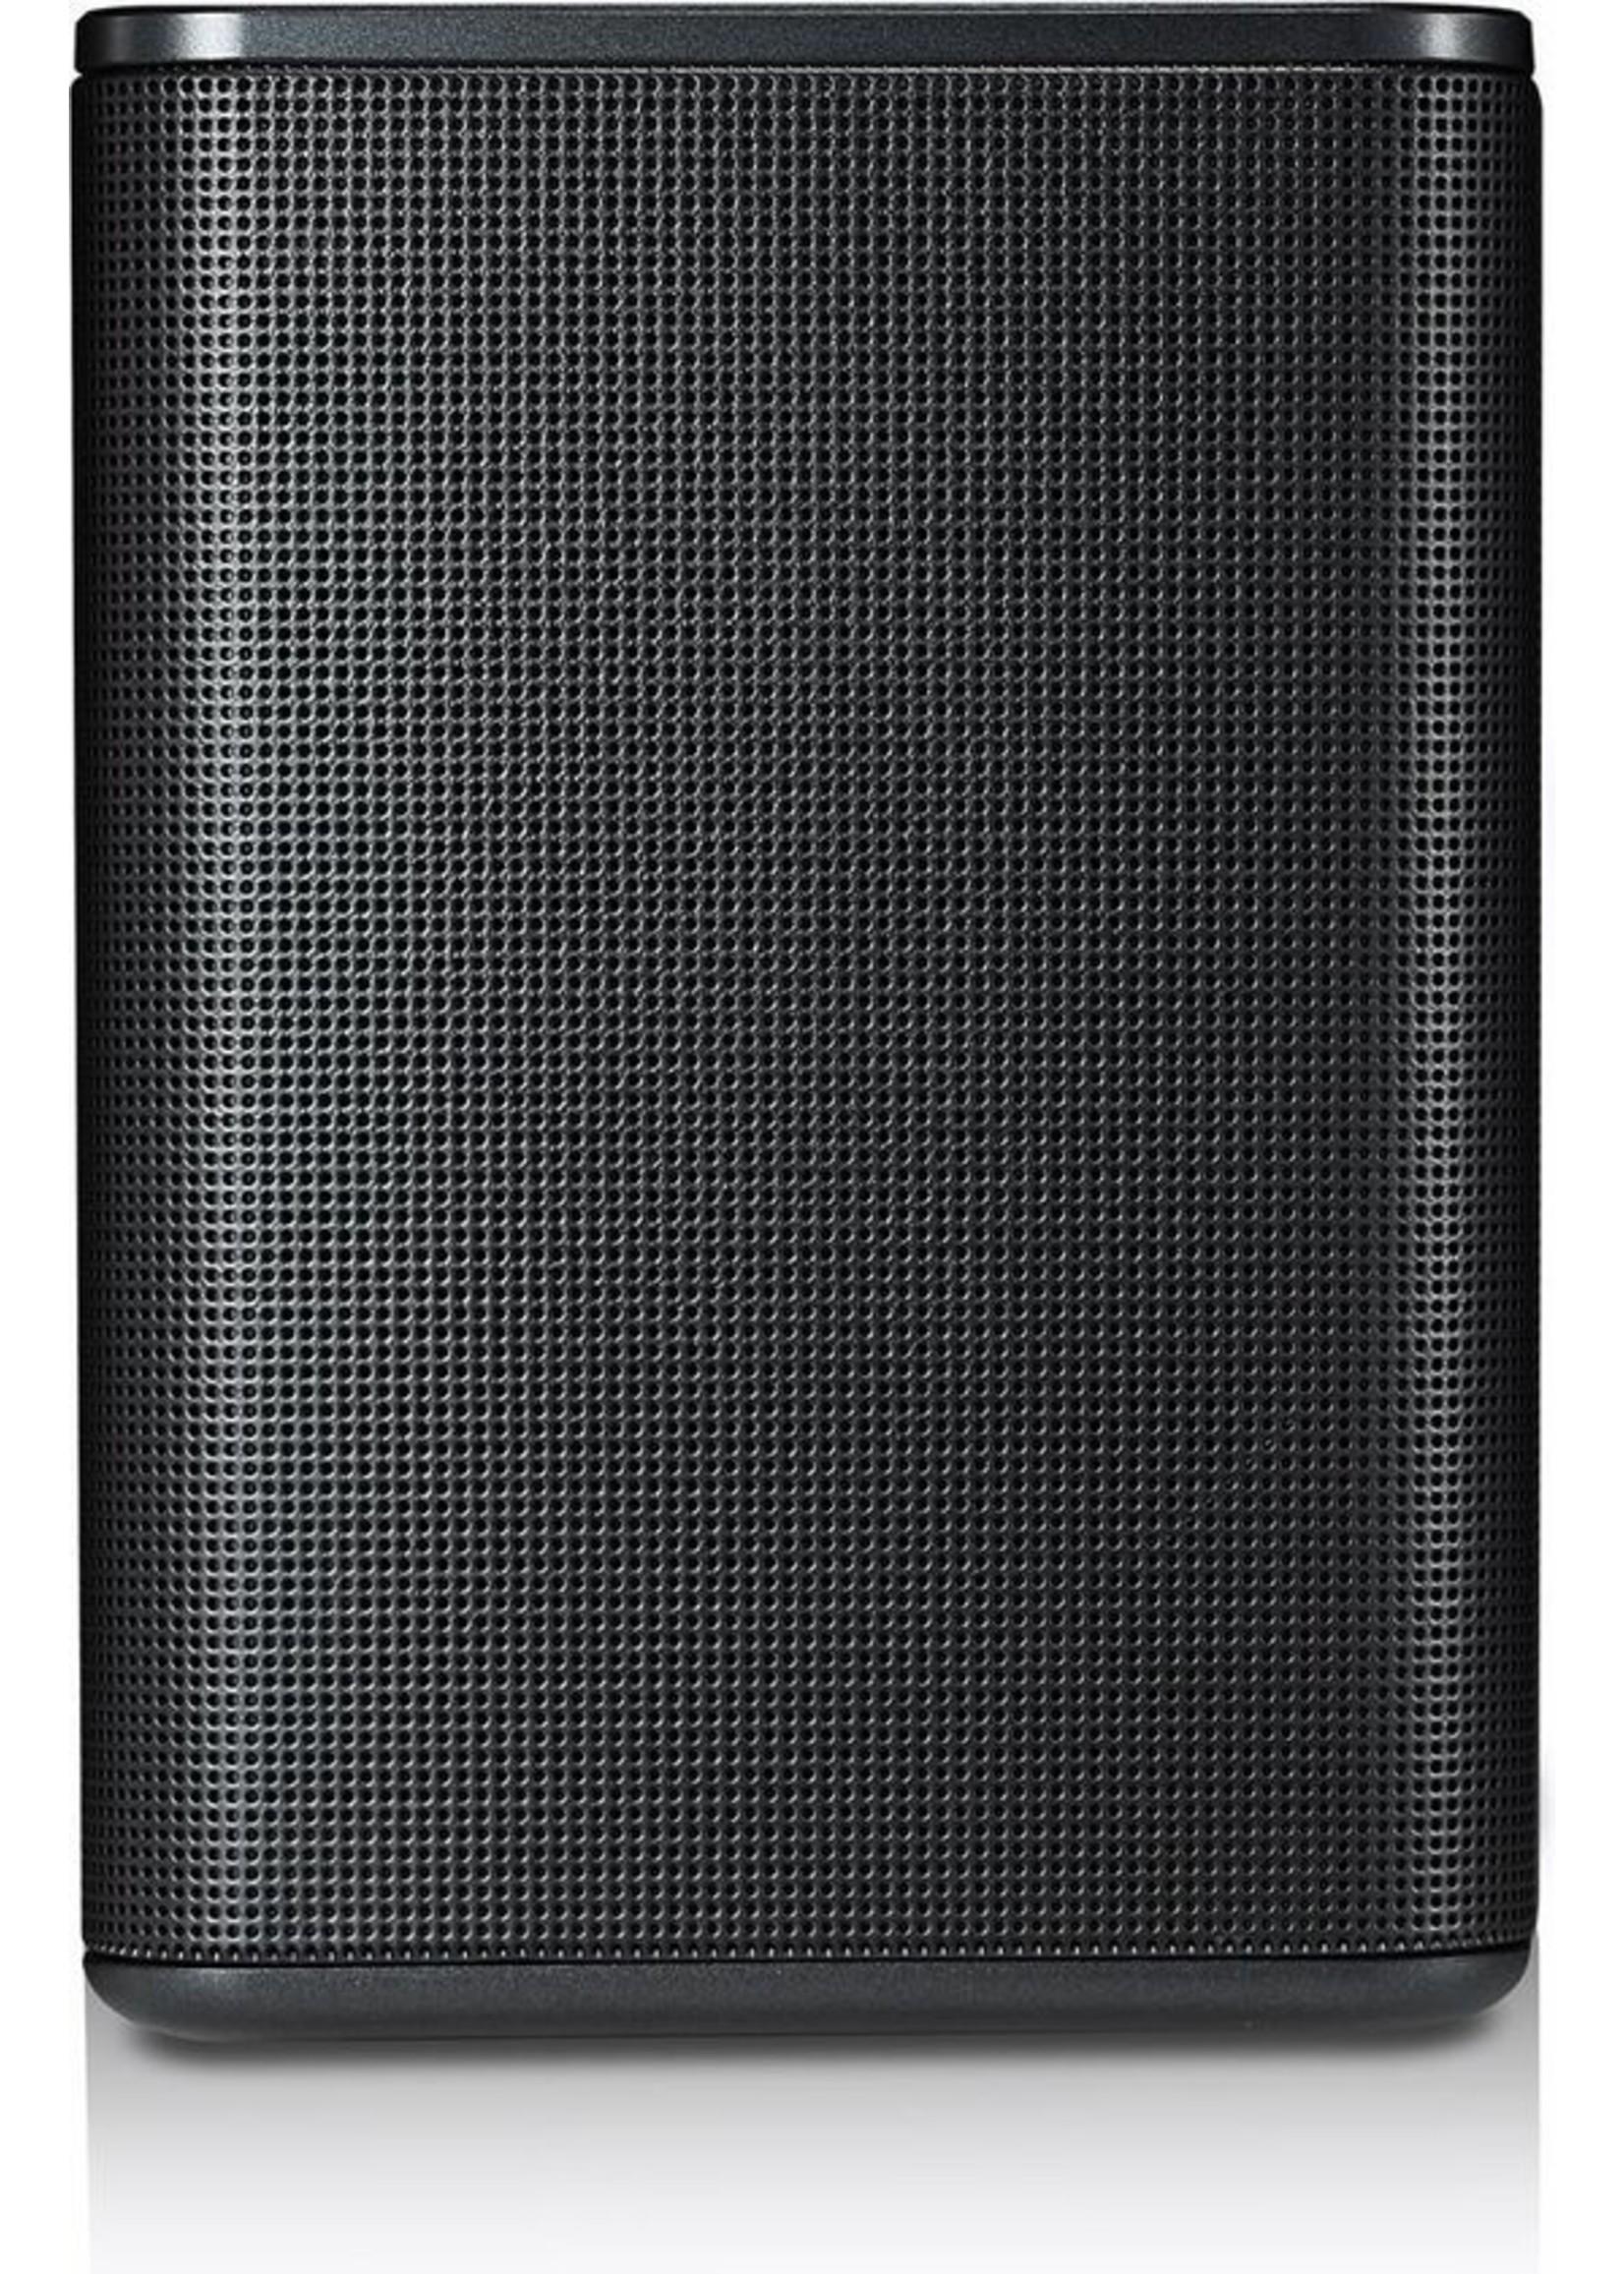 LG LG SPK8 luidspreker Zwart Draadloos 140 W koopjeshoek